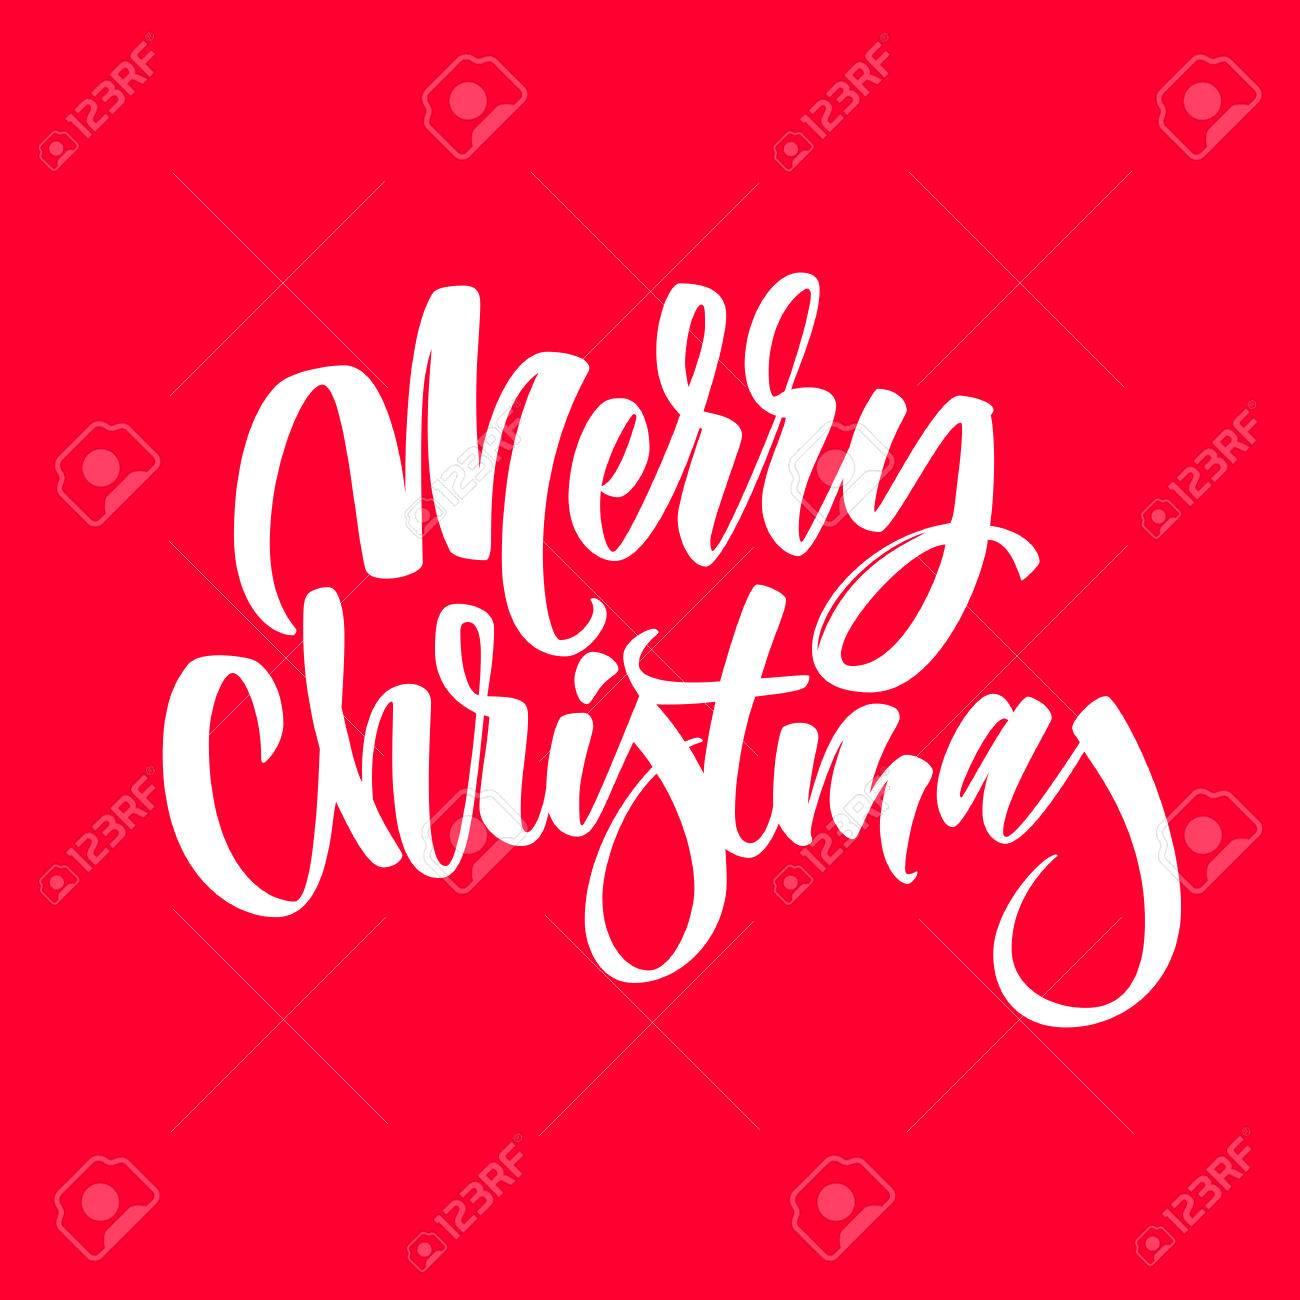 Presentaciones Feliz Navidad.Caligrafia Abstracta Luz Letras Con El Texto Feliz Navidad Y Un Fondo Rosado Para Sitios De Internet Tarjetas De Regalo Y Presentaciones